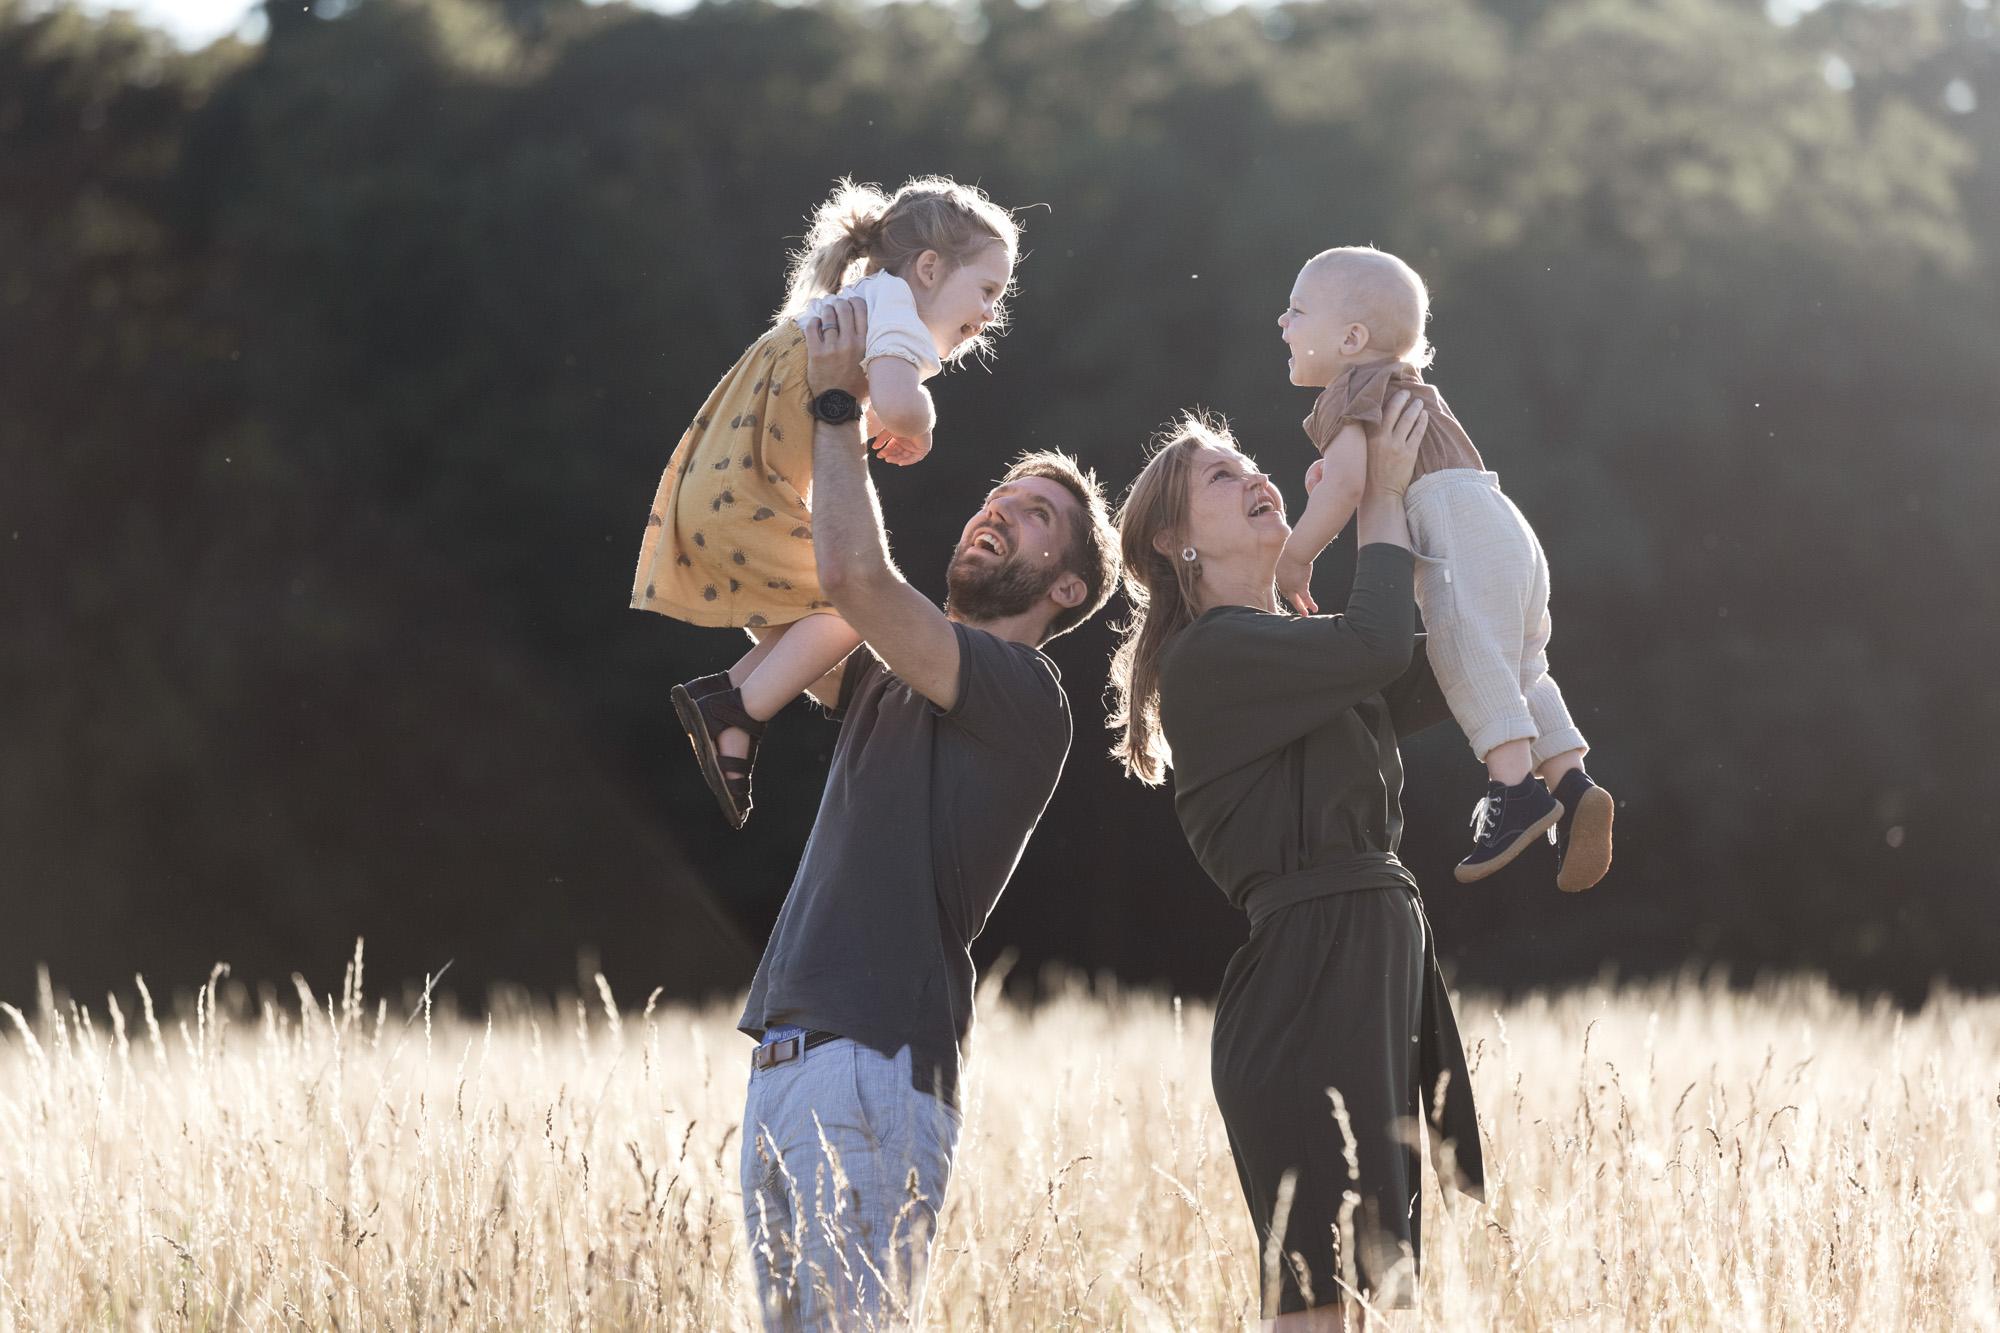 Familienbilder in der Natur - Die Familie beim Familienfotoshooting - Fotograf Basel